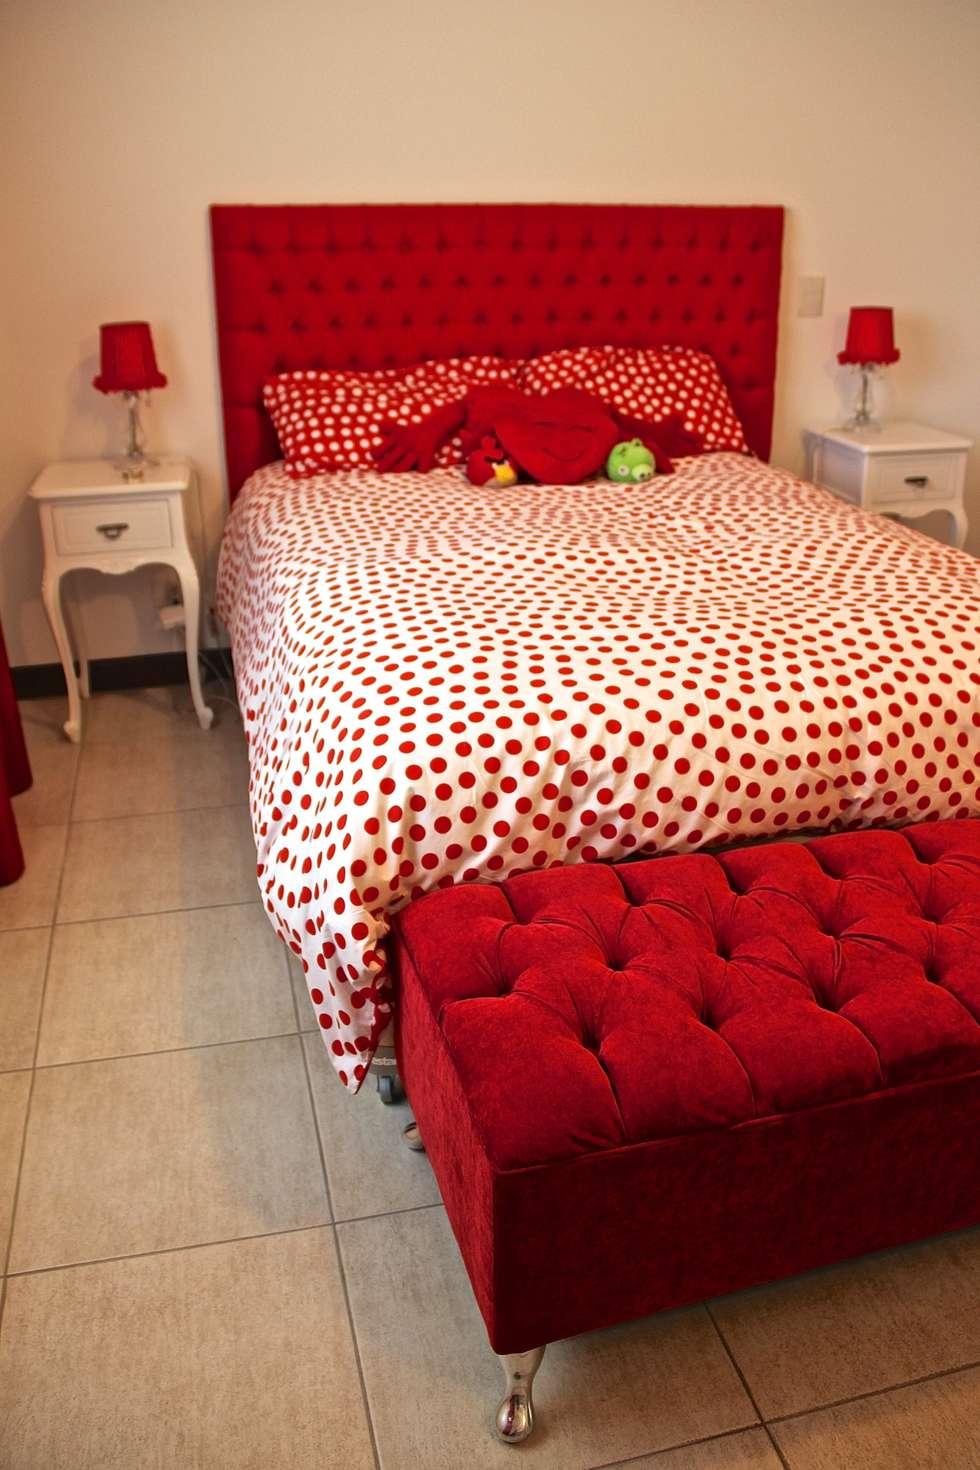 DORMITORIO HIJA 2: Dormitorios infantiles de estilo moderno por HOME UP